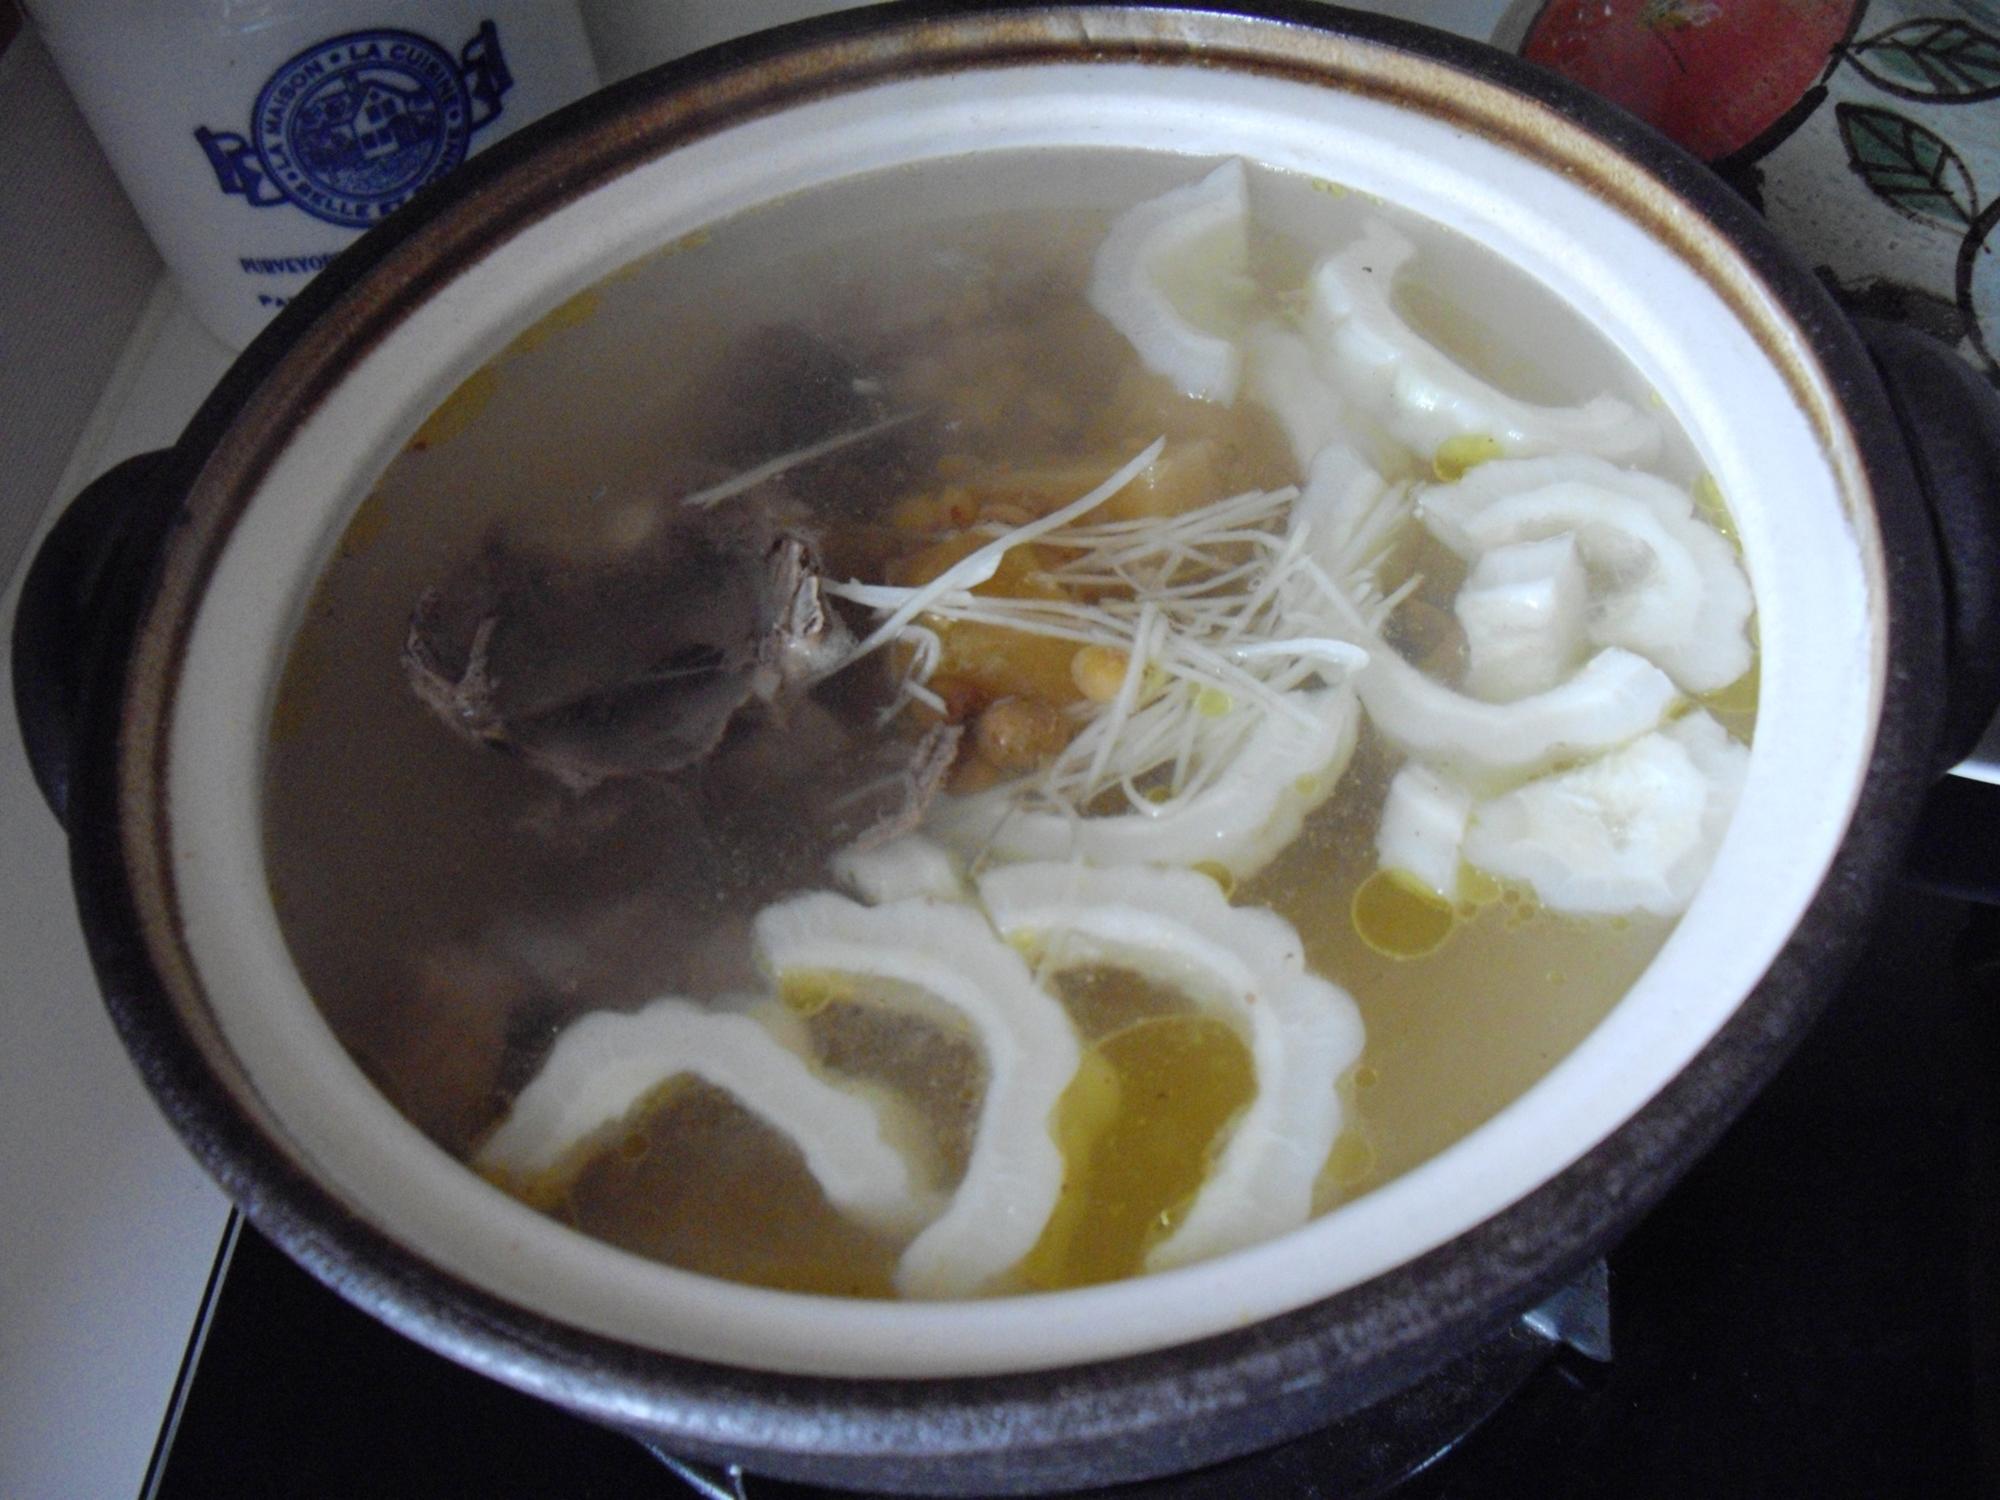 萬古燒手繪山茶花/玫瑰花砂鍋 鐵製牛排煎鍋 夏季雜貨分享